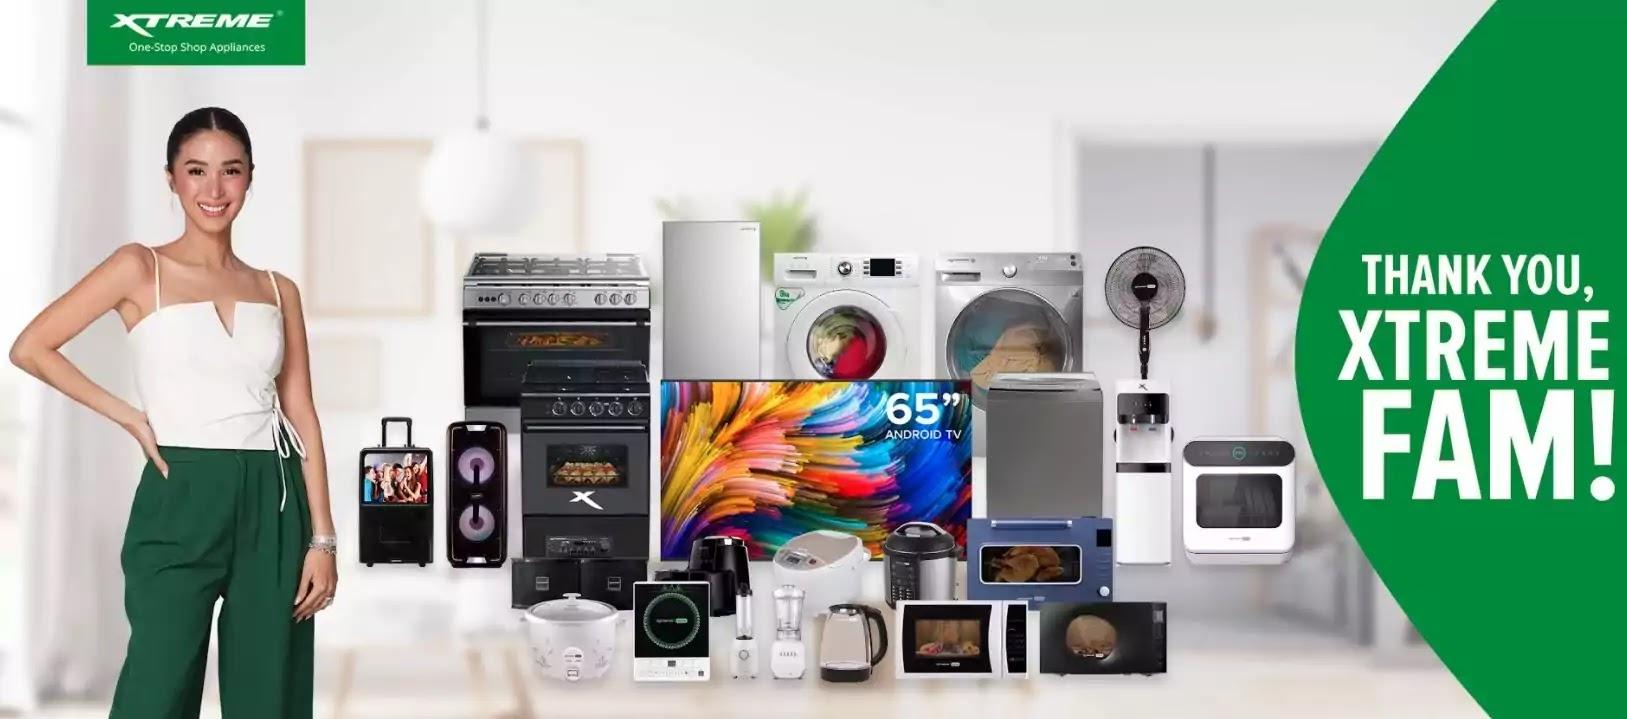 XTREME Appliances Thank You